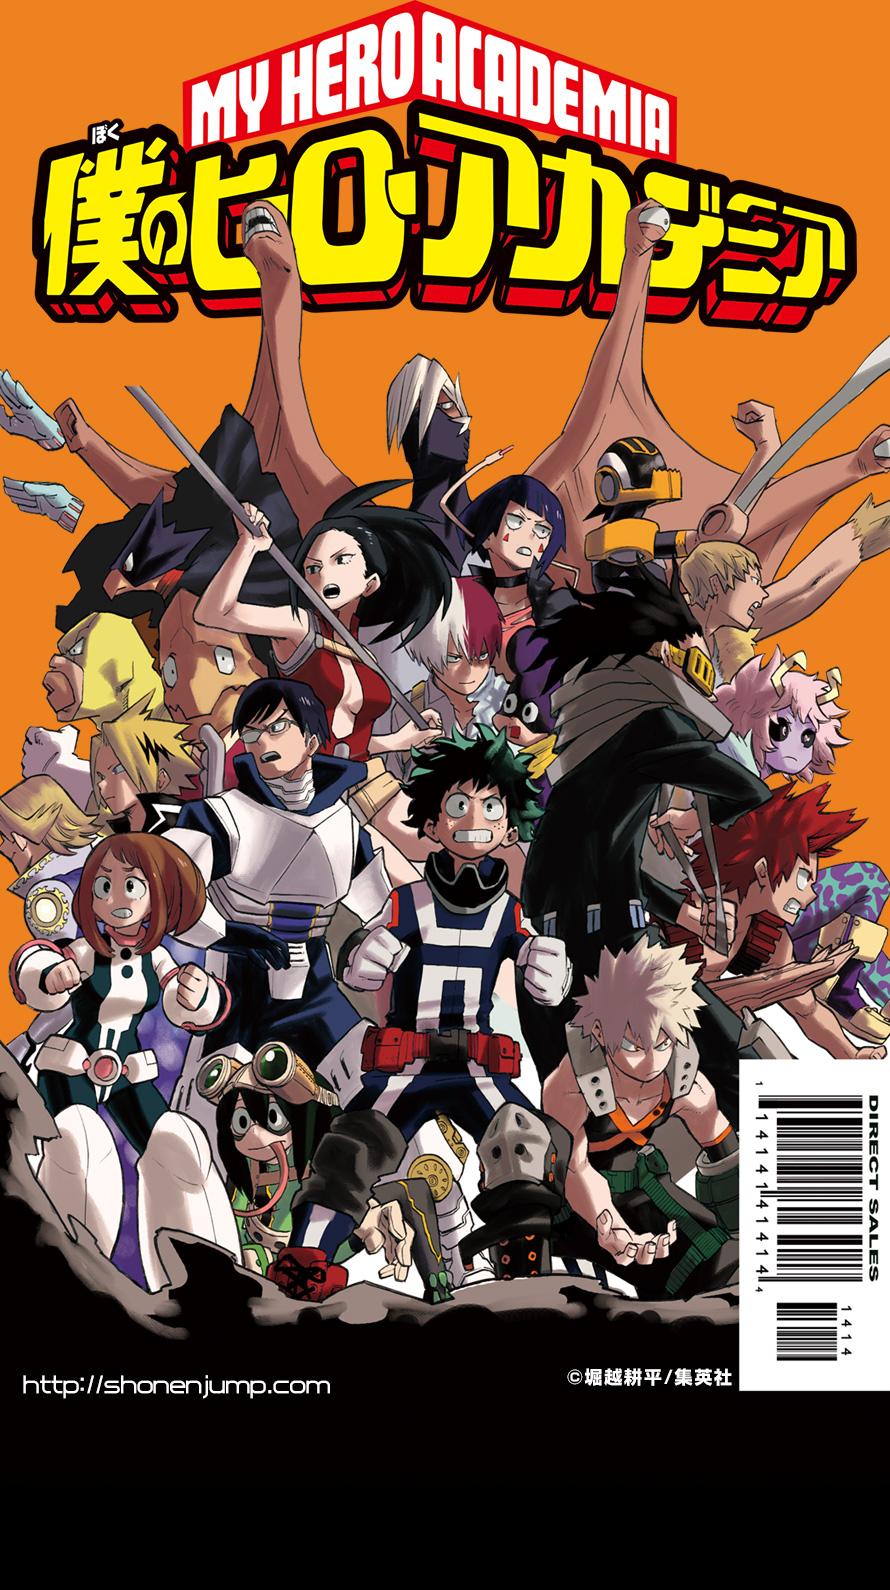 僕のヒーローアカデミア 壁紙 集英社 週刊少年ジャンプ 公式サイト